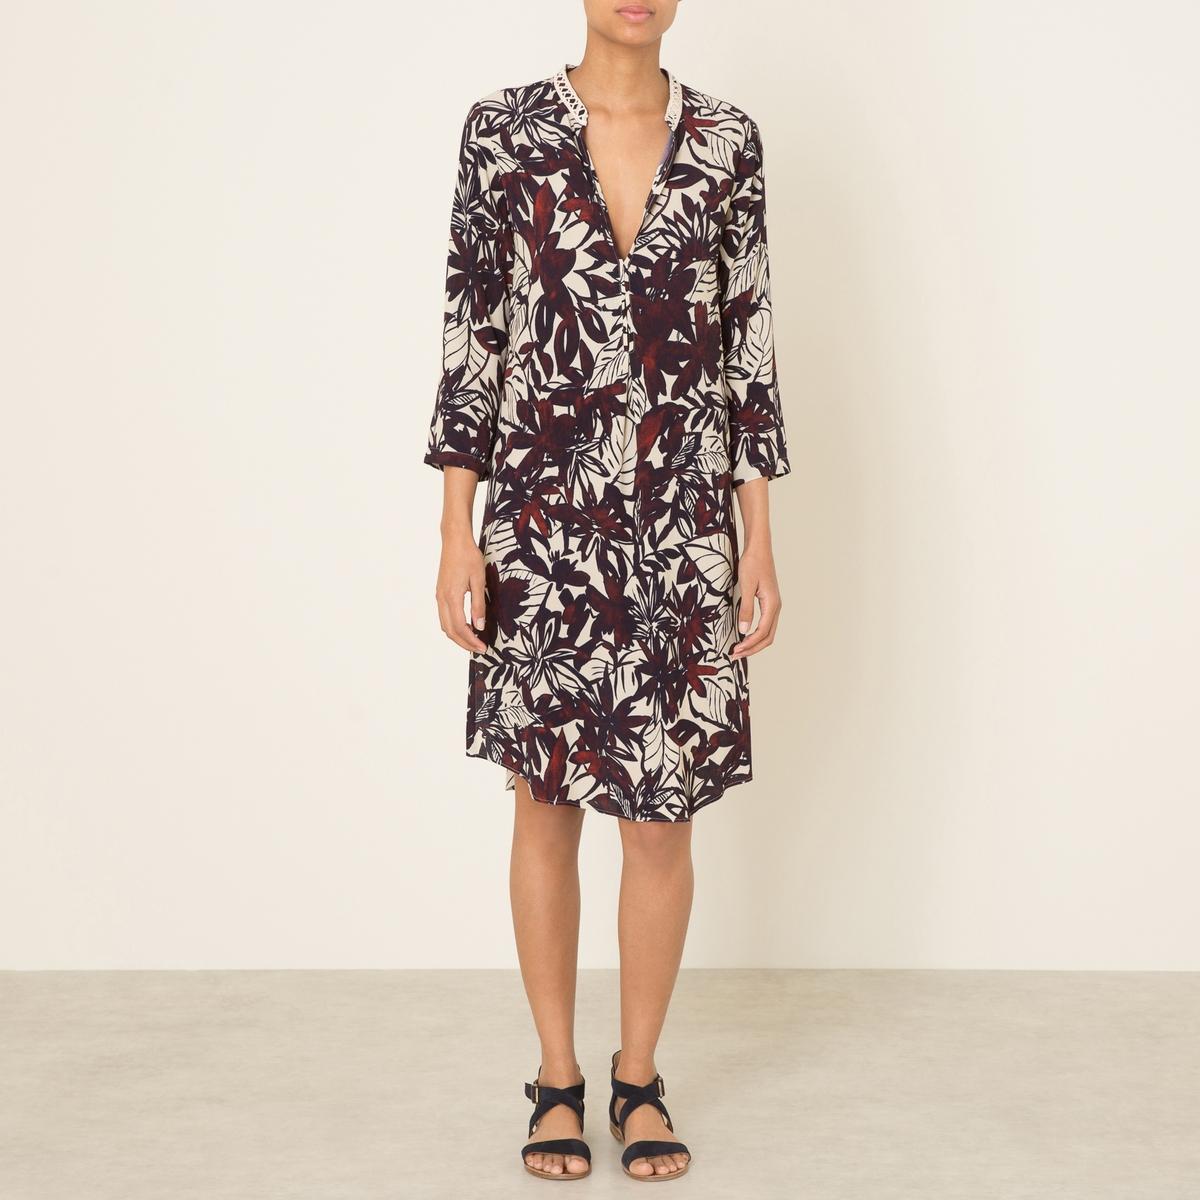 Платье ROANAСостав и описание Материал : 100% вискозаДлина : ок. 102 см. для размера 36Марка : DIEGA<br><br>Цвет: набивной рисунок